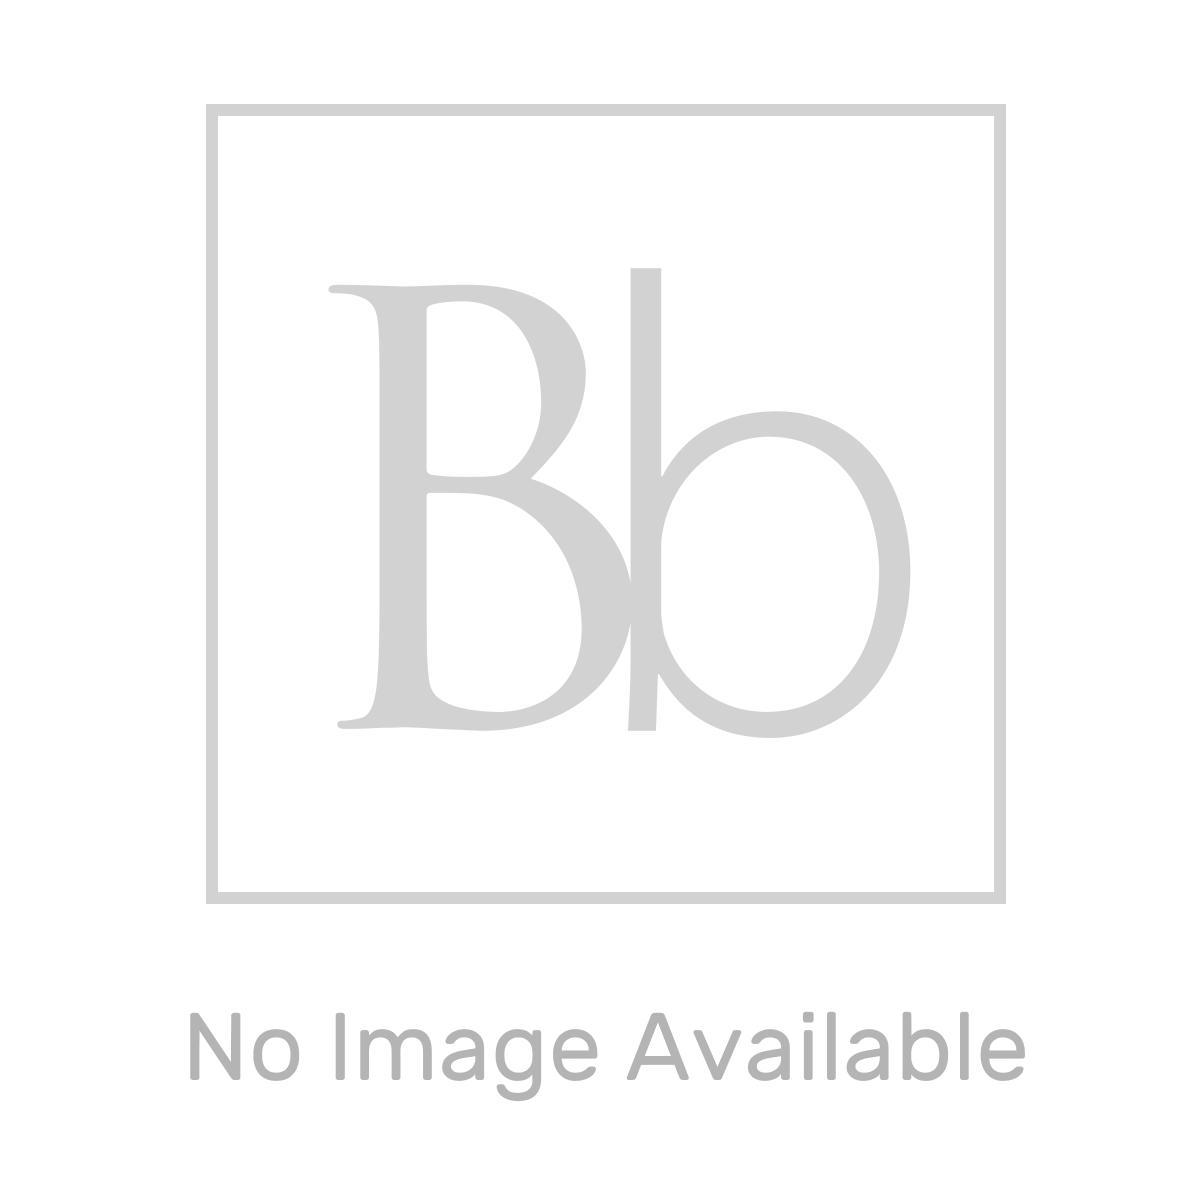 Aquadart Aqualavo White Slate Shower Tray 1000 x 900mm